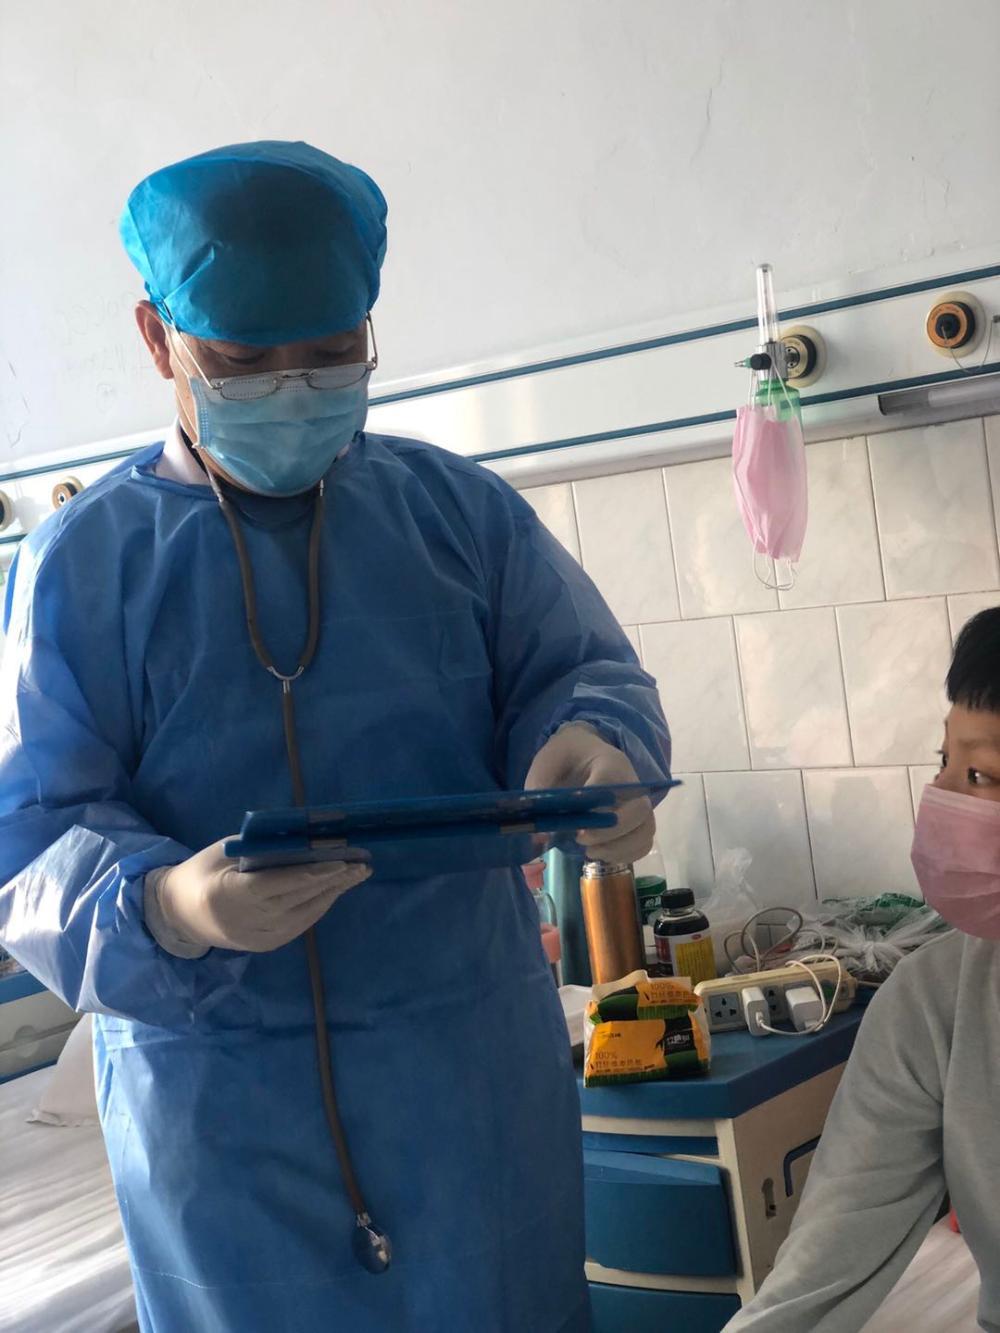 上海战疫手记|父母在老家医院救治新冠肺炎病人,我在花桥道口守护上海西大门